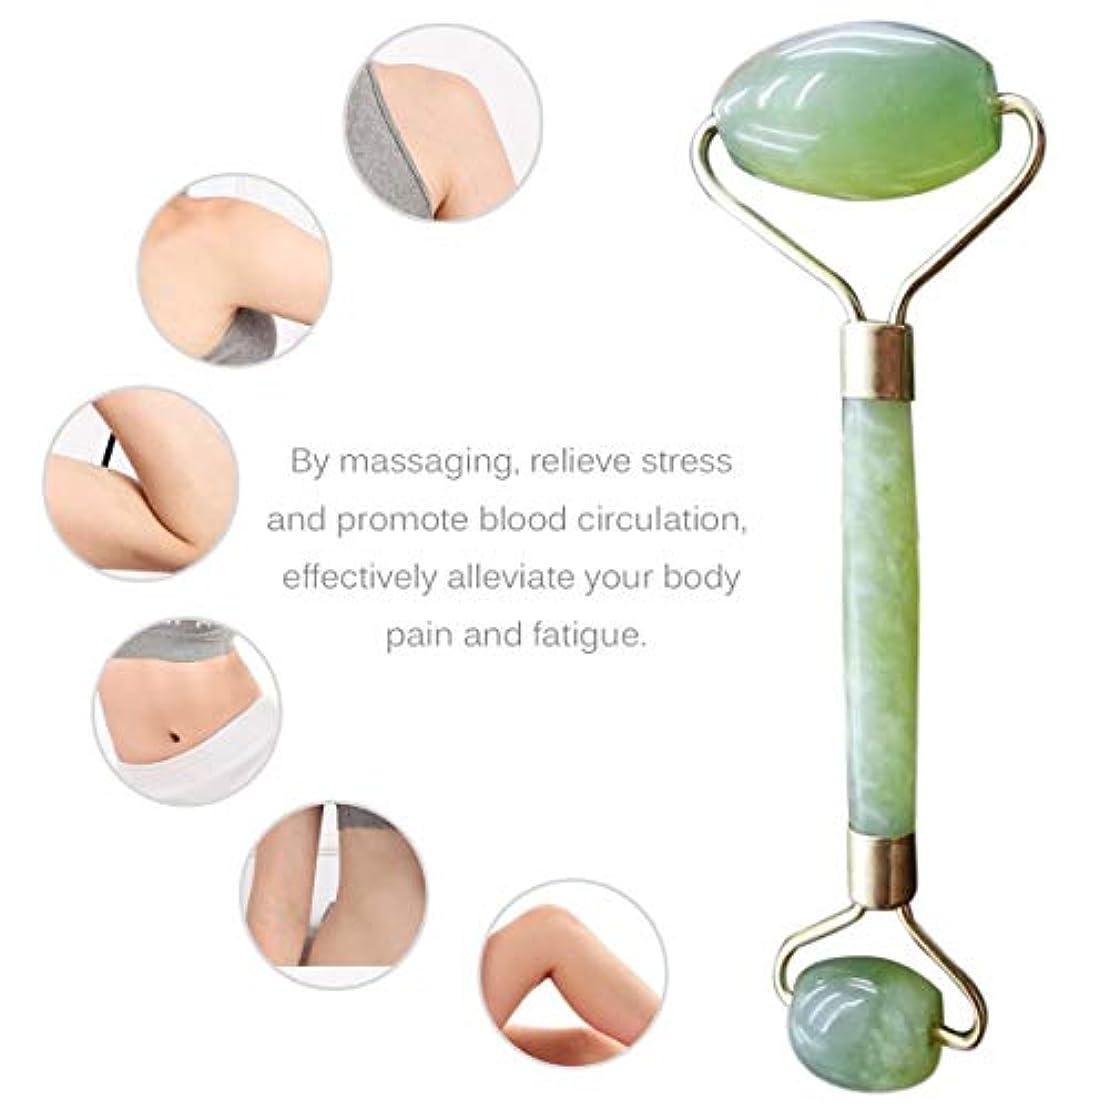 電気波紋移植Double Heads Natural Jade Face Care Massager Handheld Anti Wrinkle Healthy Face Body Foot Massage Tools Best Gift